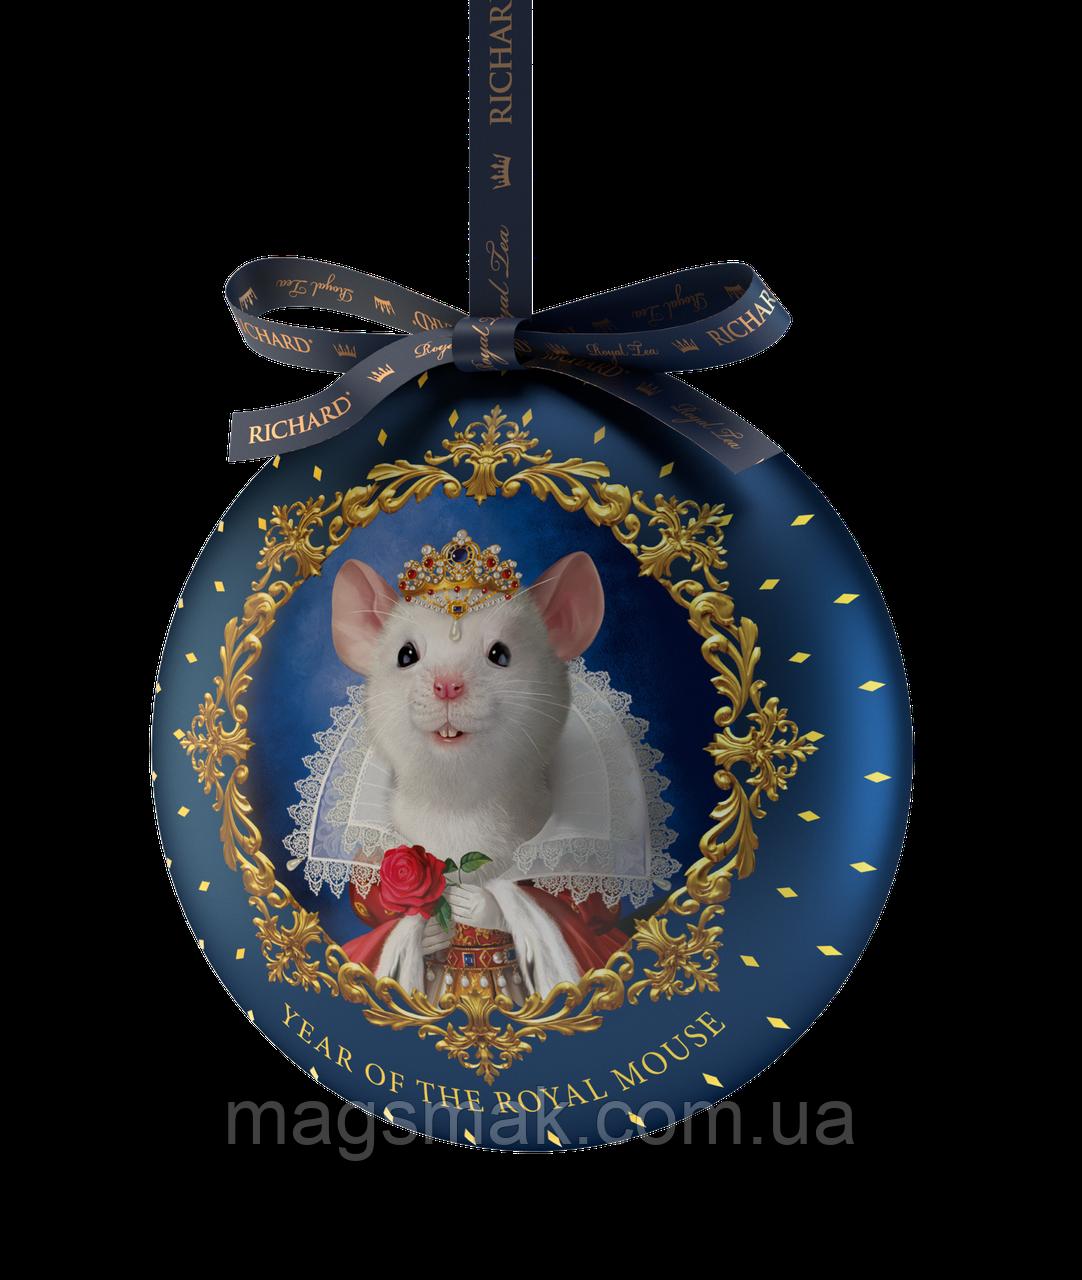 """Чай Richard """"Year of the royal mouse"""" елочная игрушка, ж/б, листовой, 20 г"""